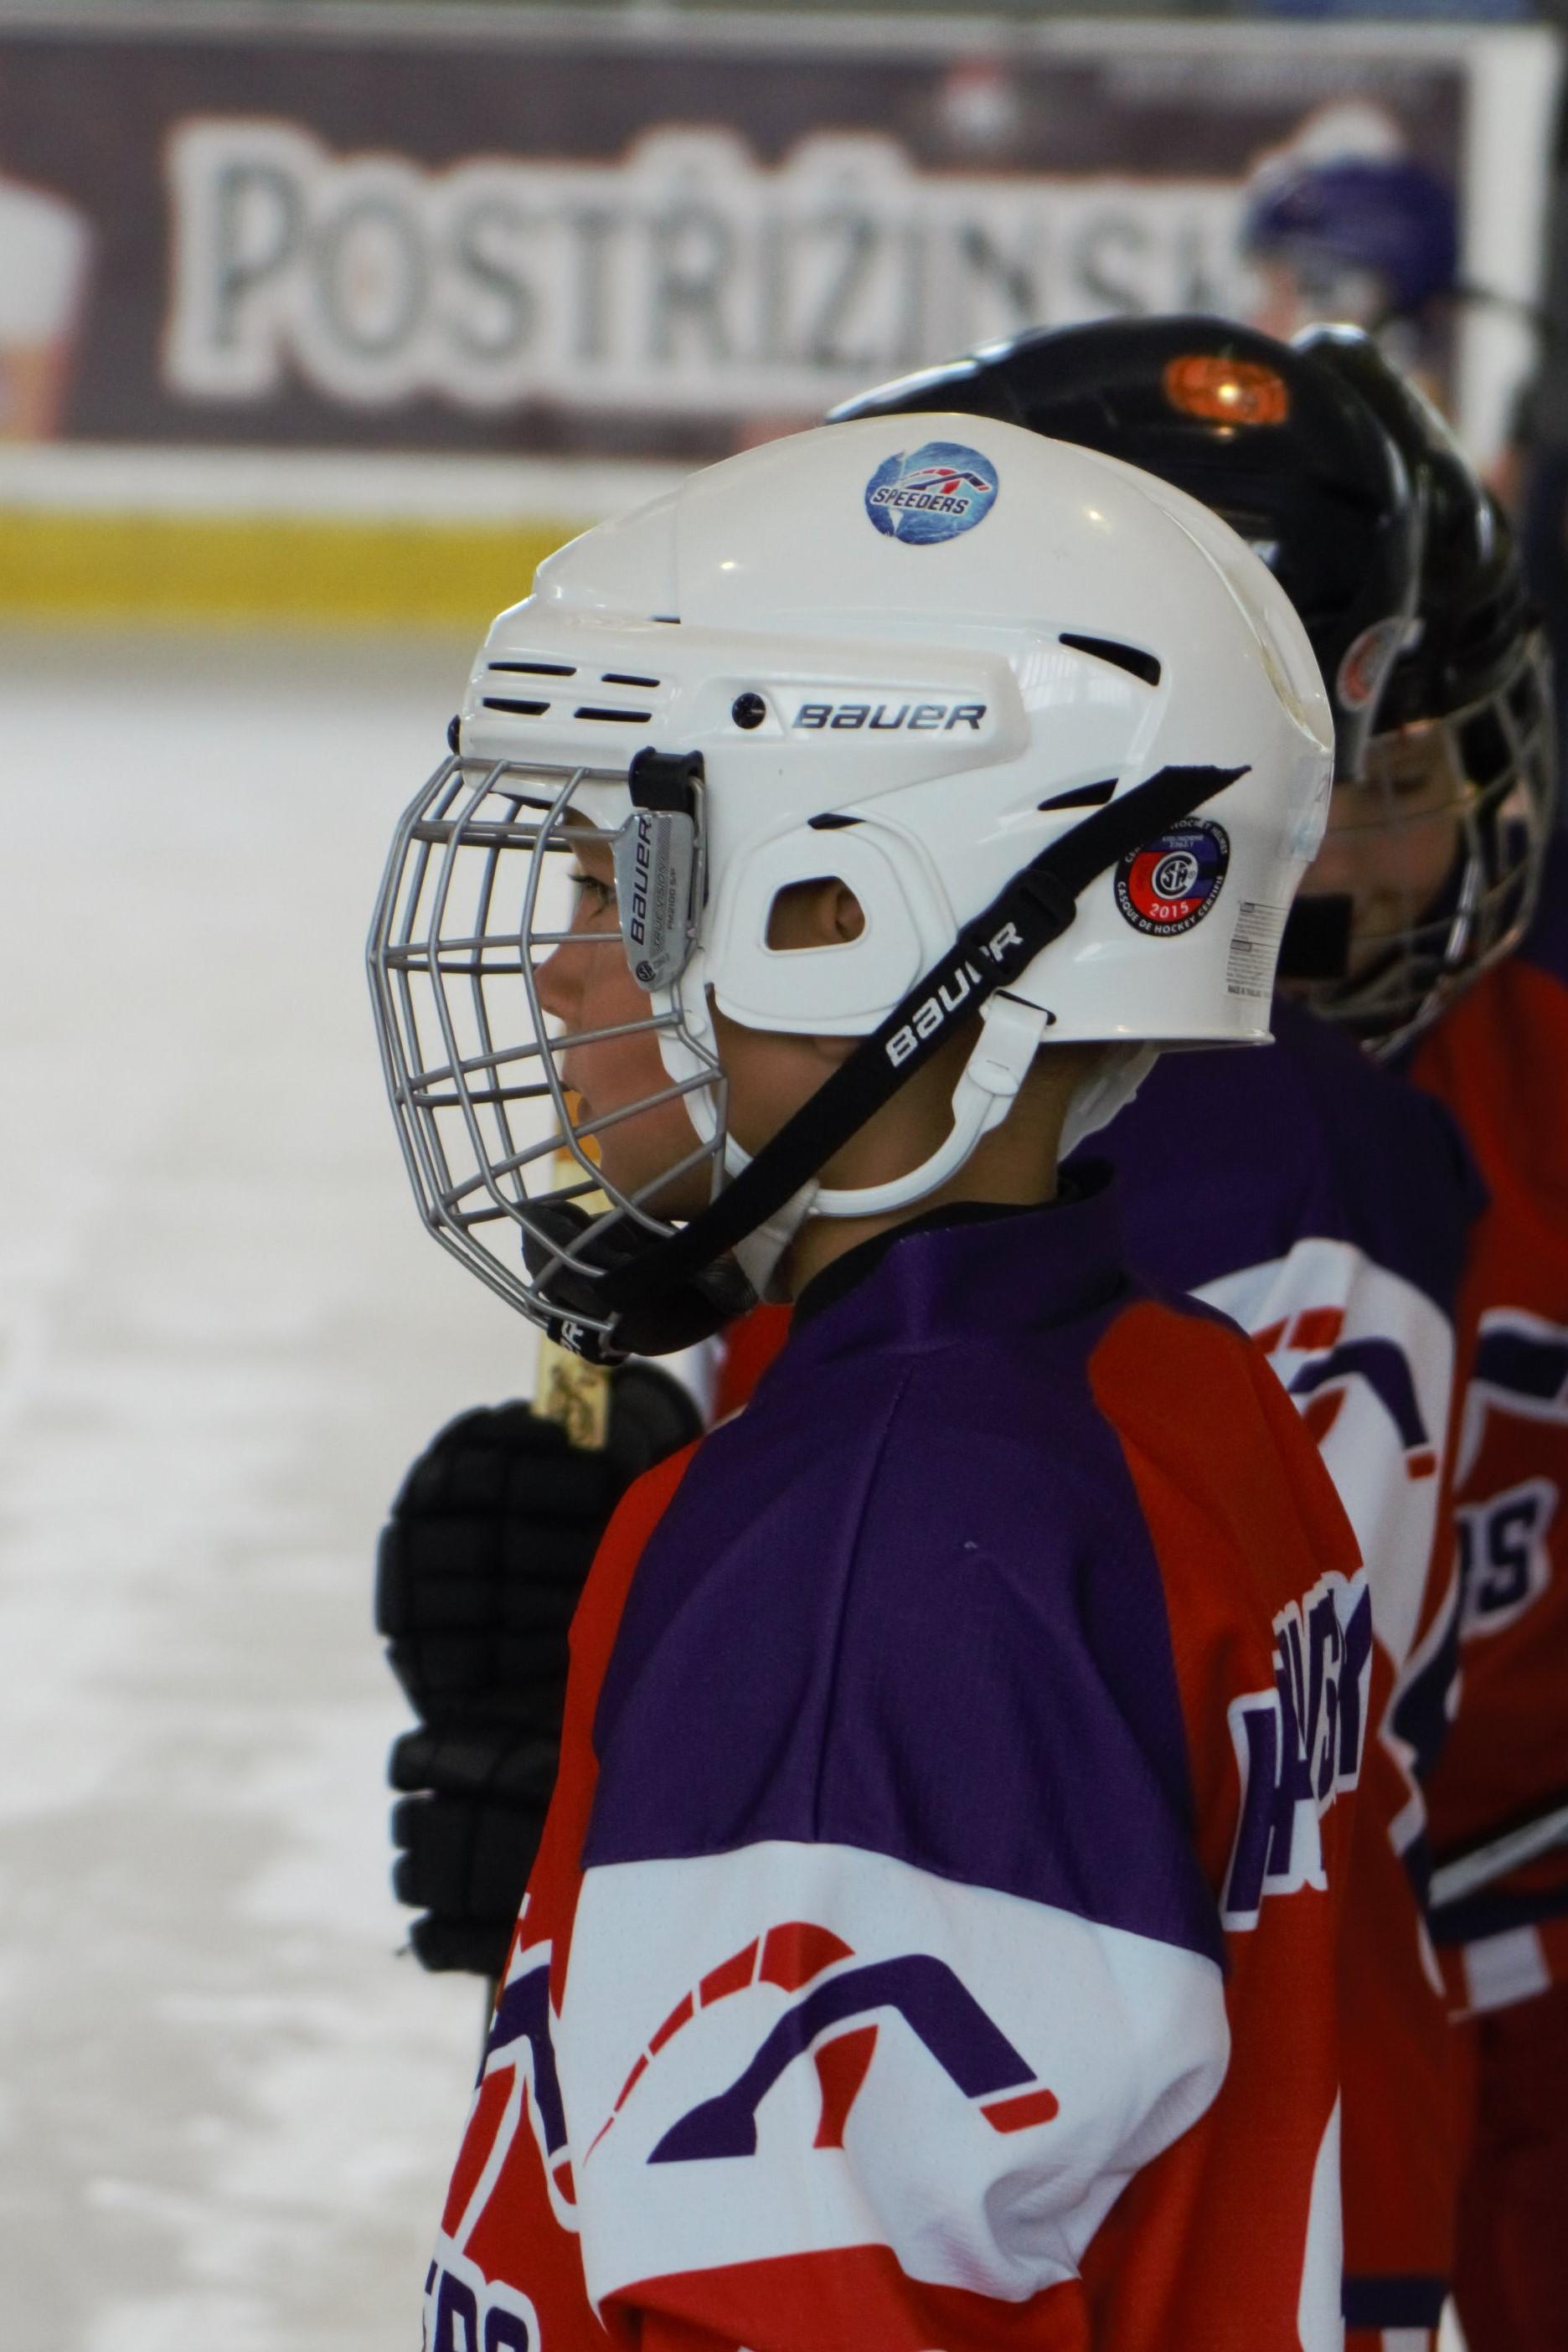 hokej turnaj Nymburk Speeders Bratislava38